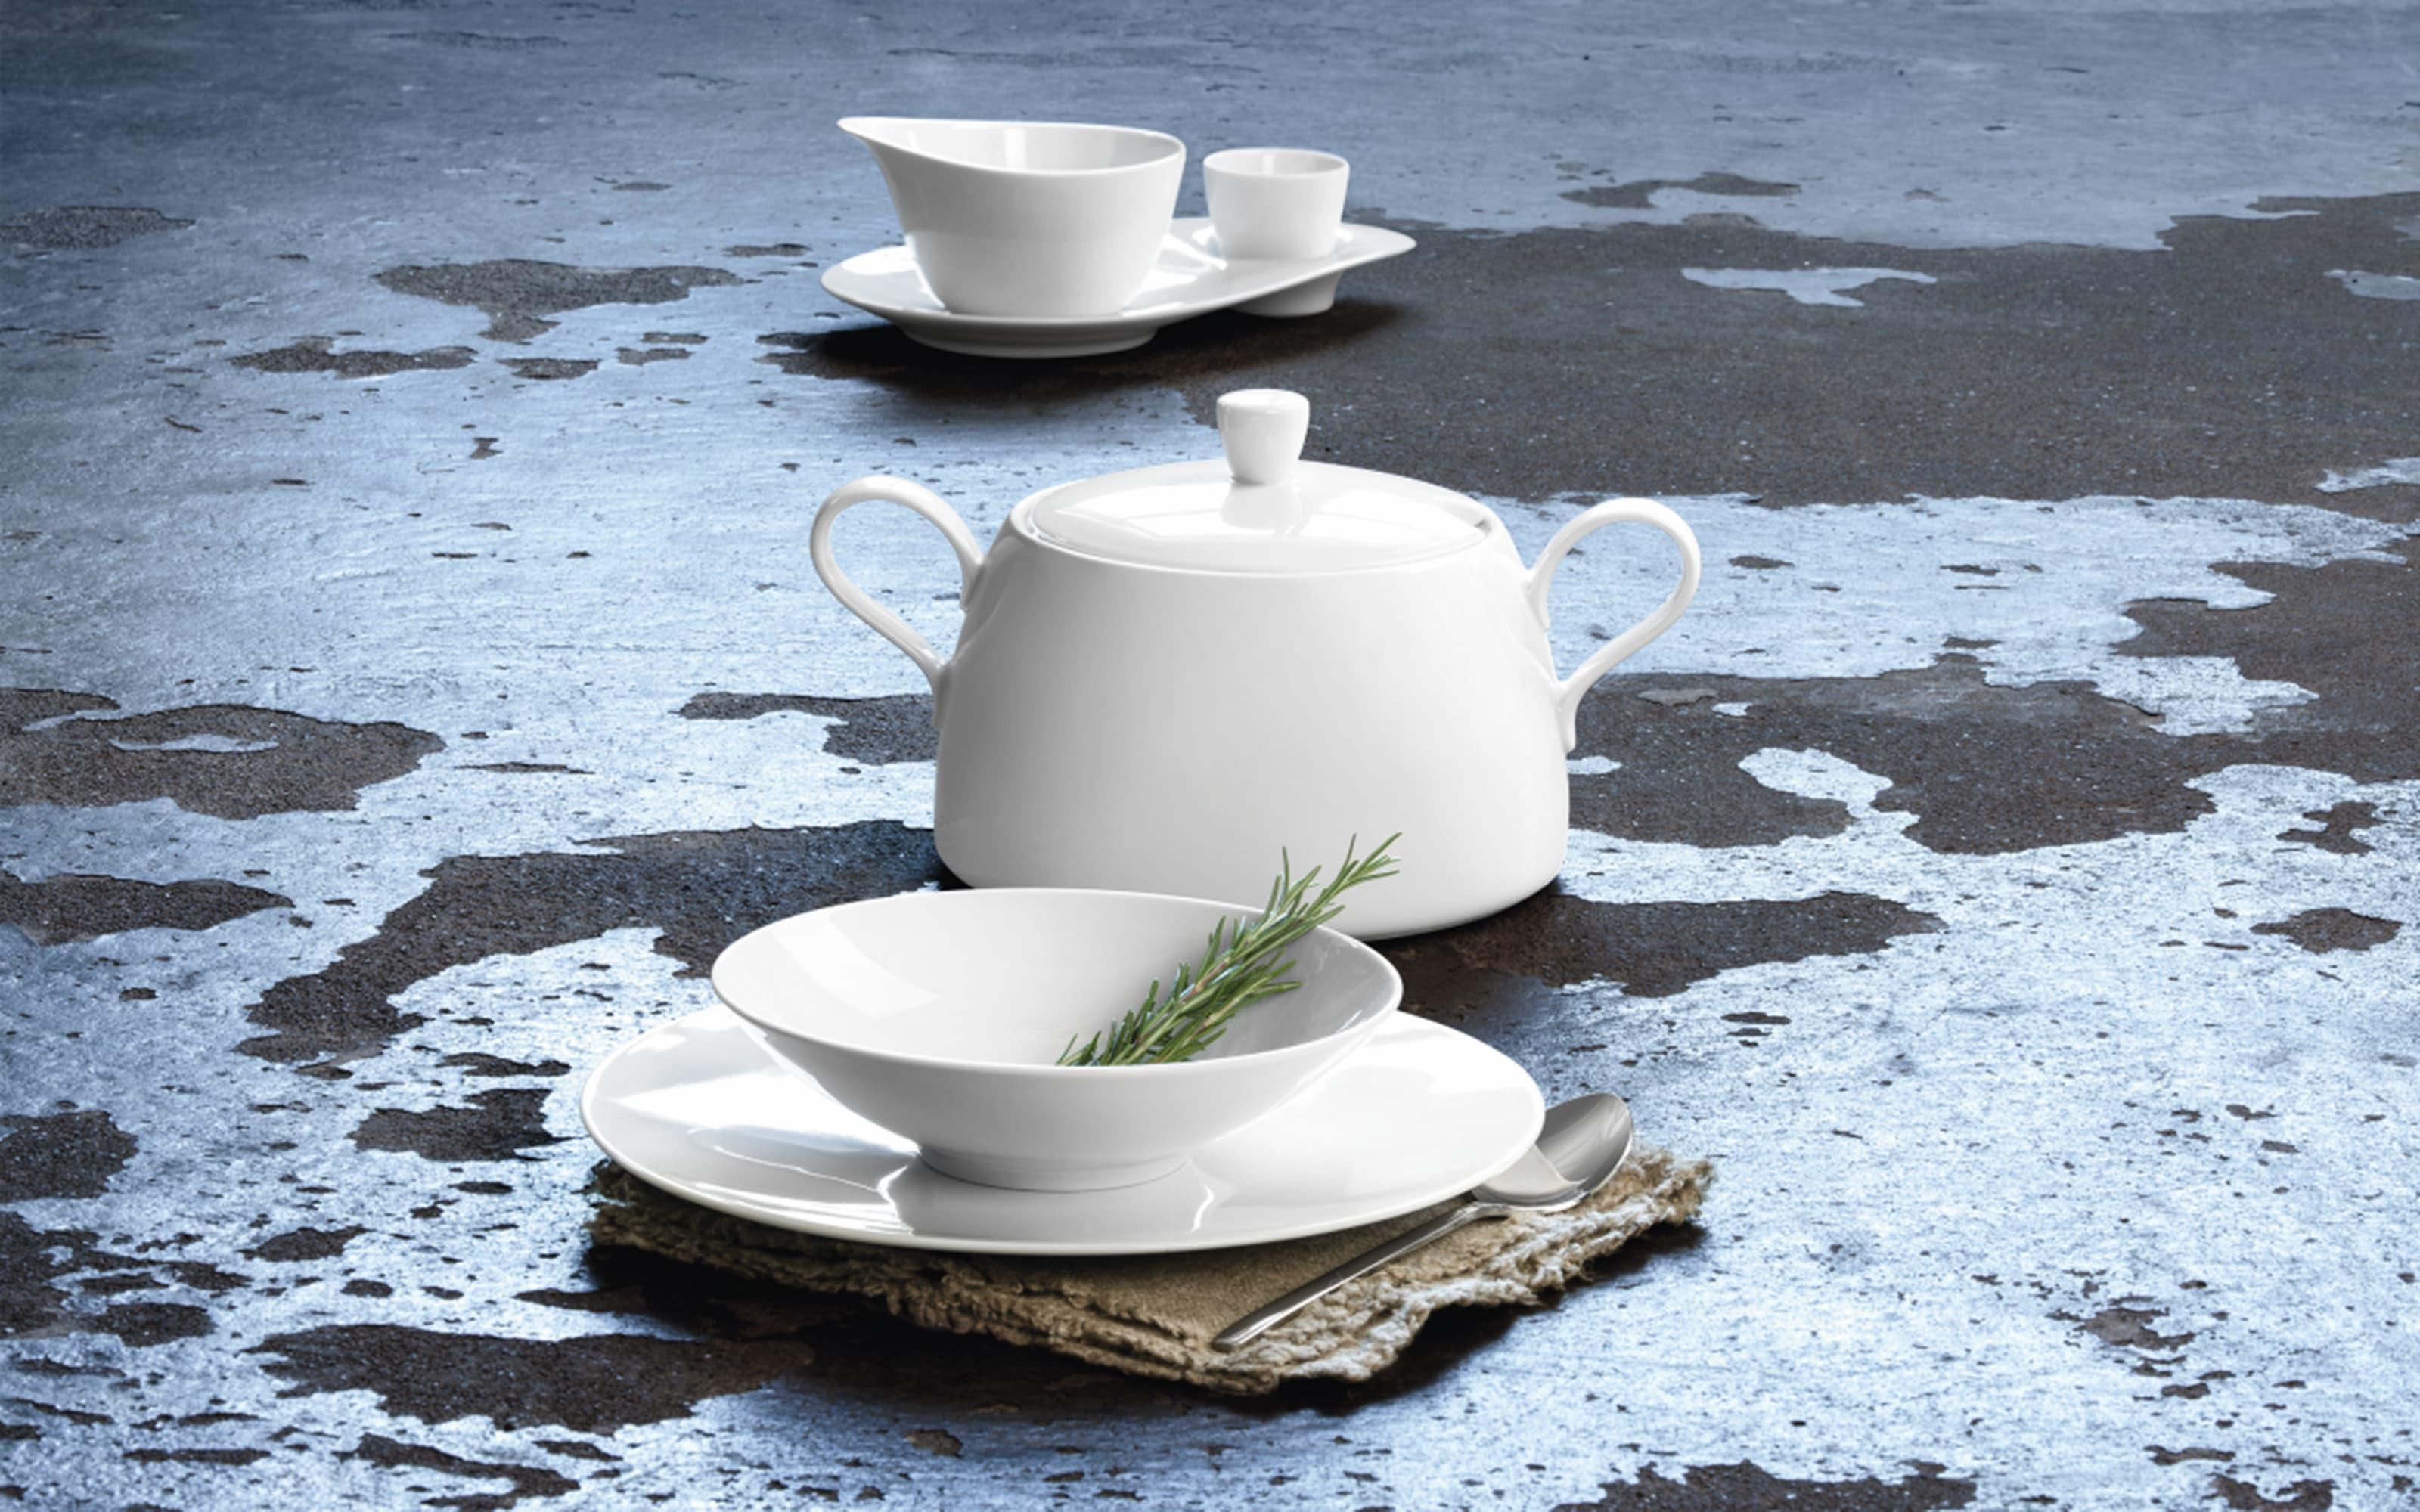 Frühstücksteller Life in weiß, 22,5 cm